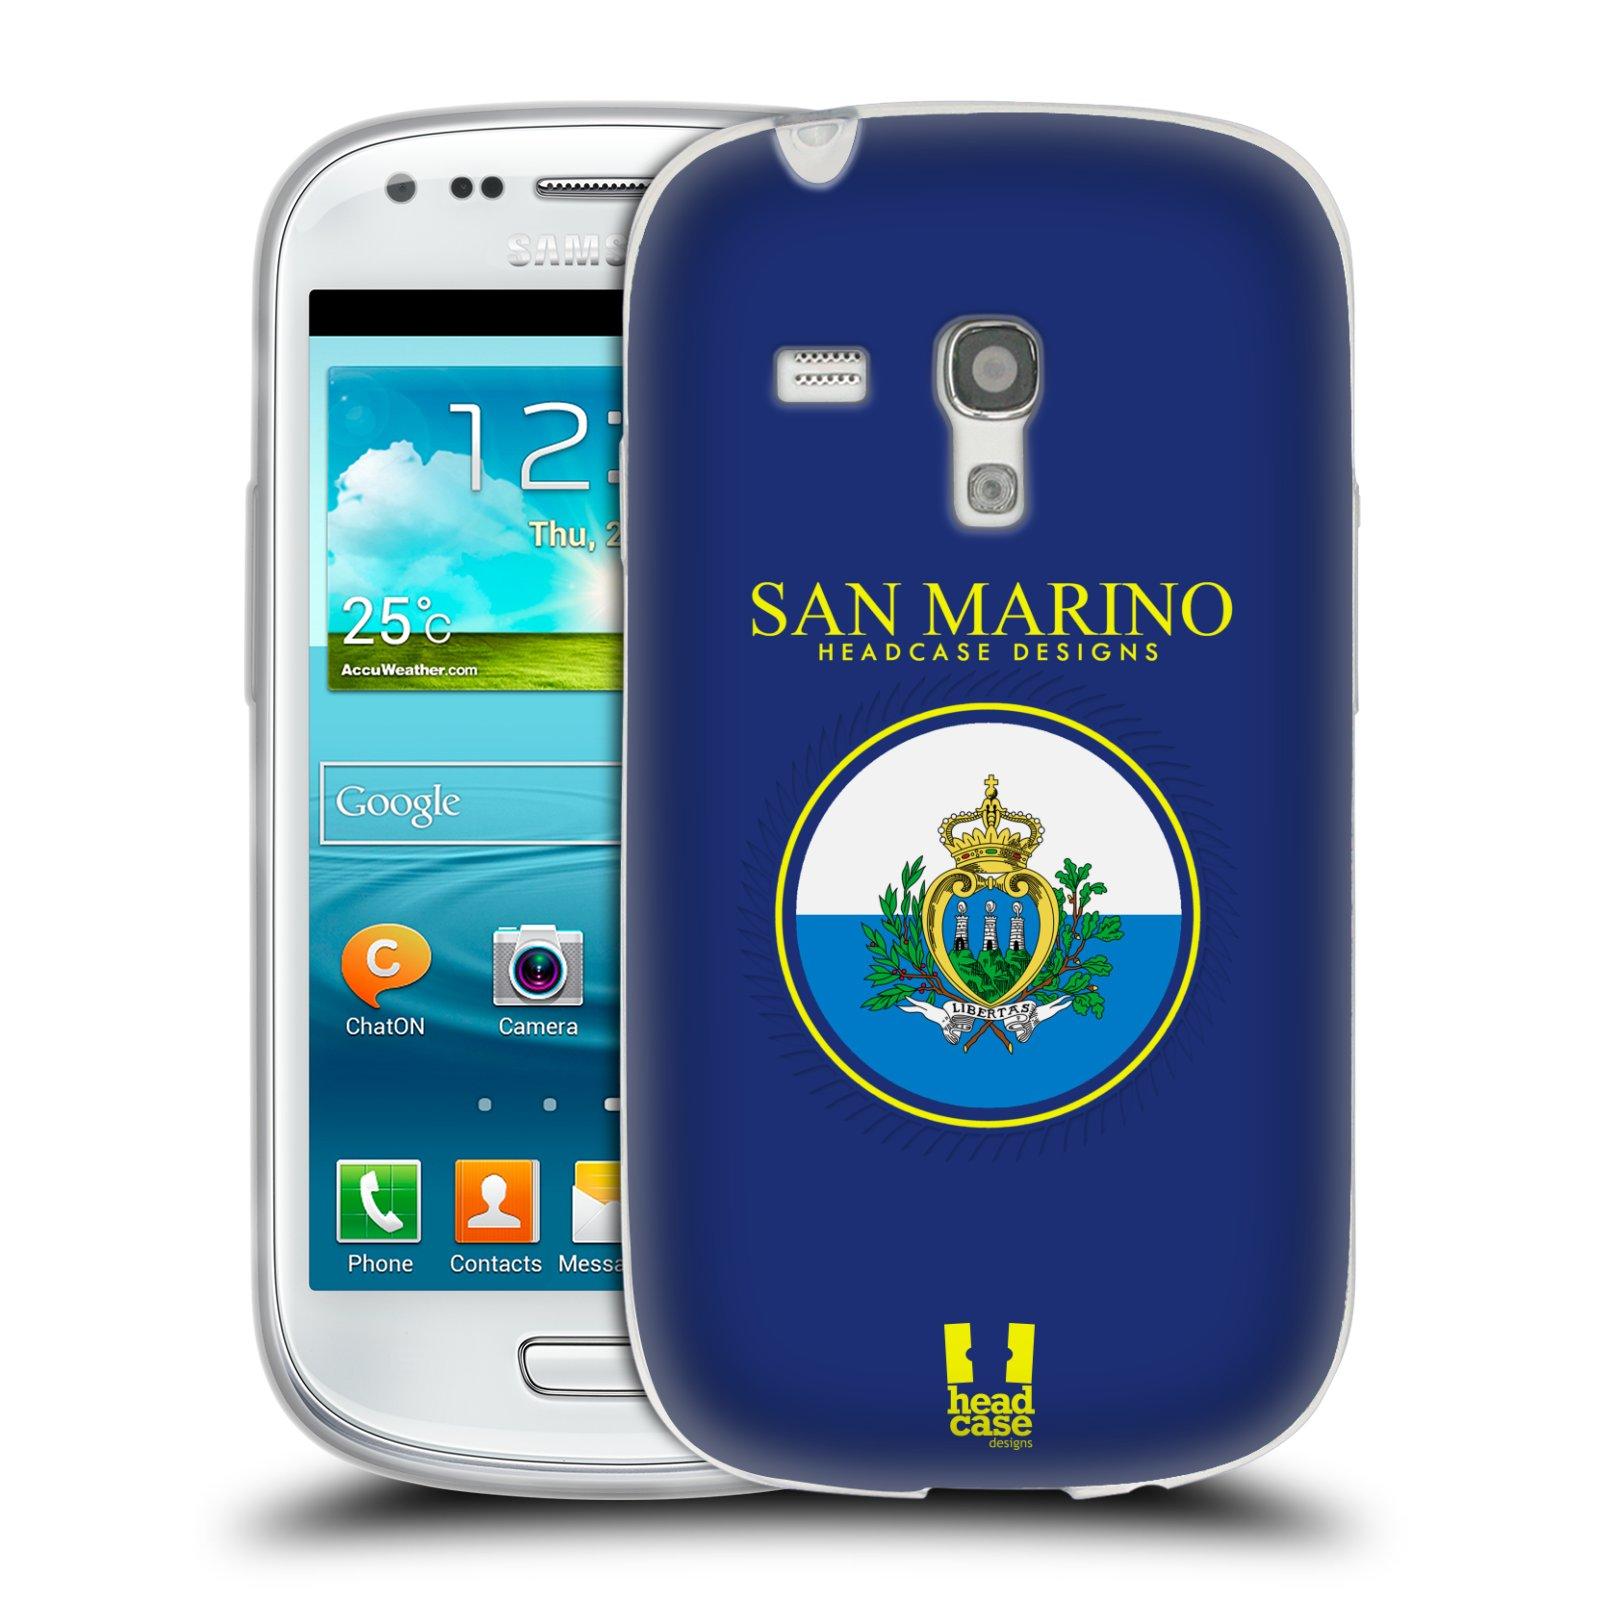 HEAD CASE silikonový obal na mobil Samsung Galaxy S3 MINI i8190 vzor Vlajky státy 2 SAN MARINO